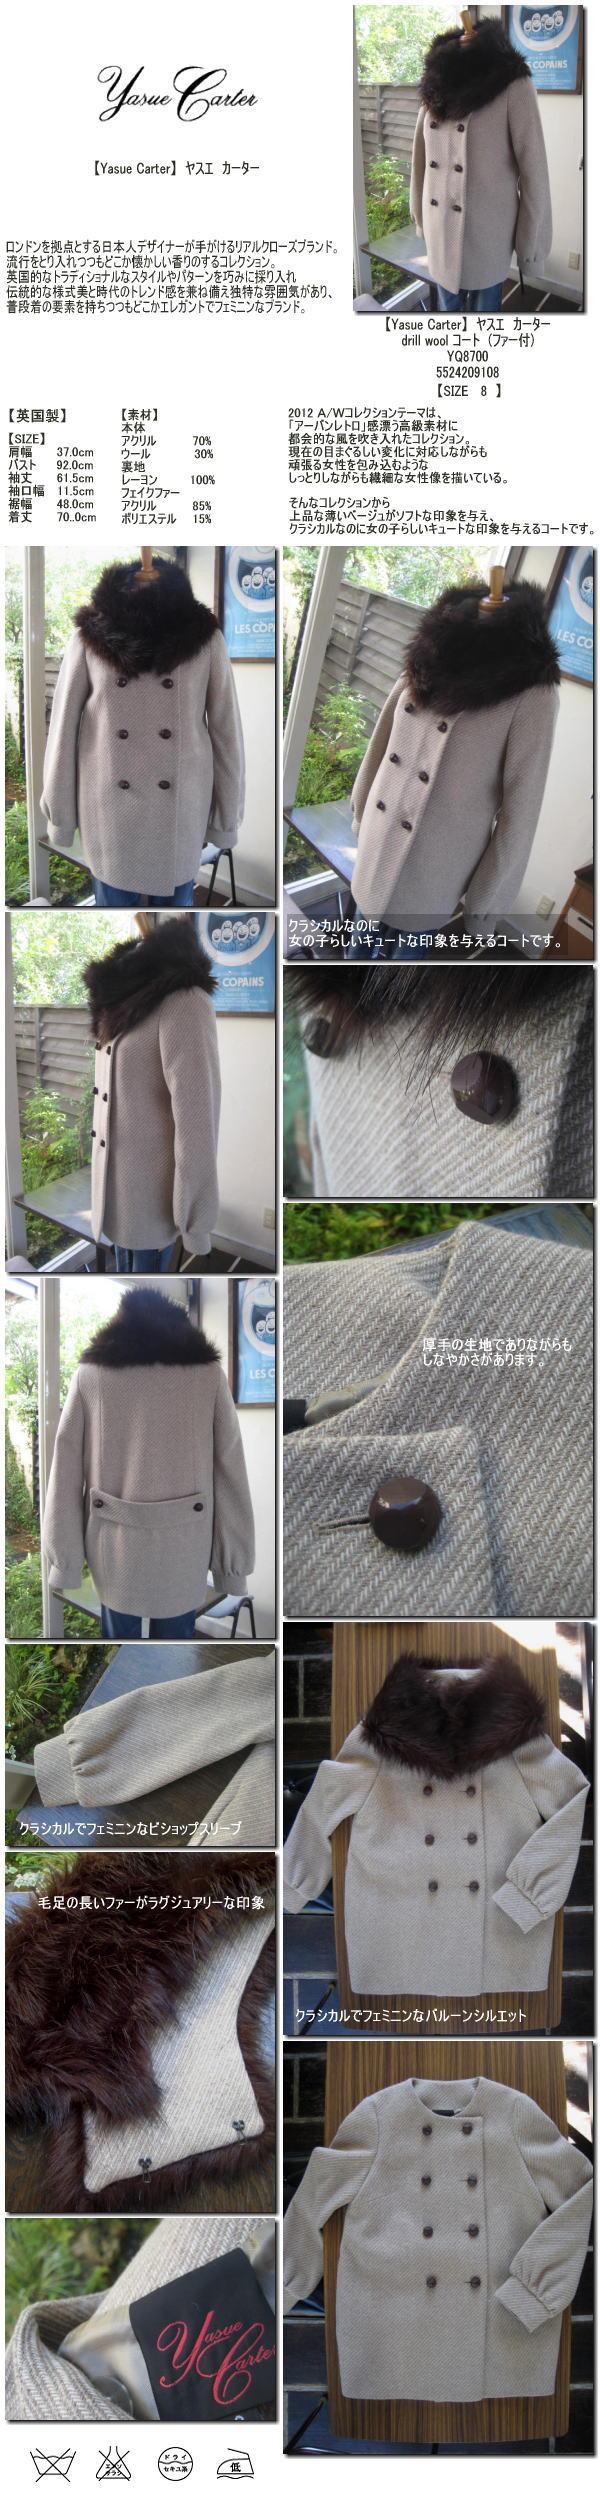 【Yasue Carter】ヤスエカーター drill wool コート (ファー付) wool drill YQ8700 size8